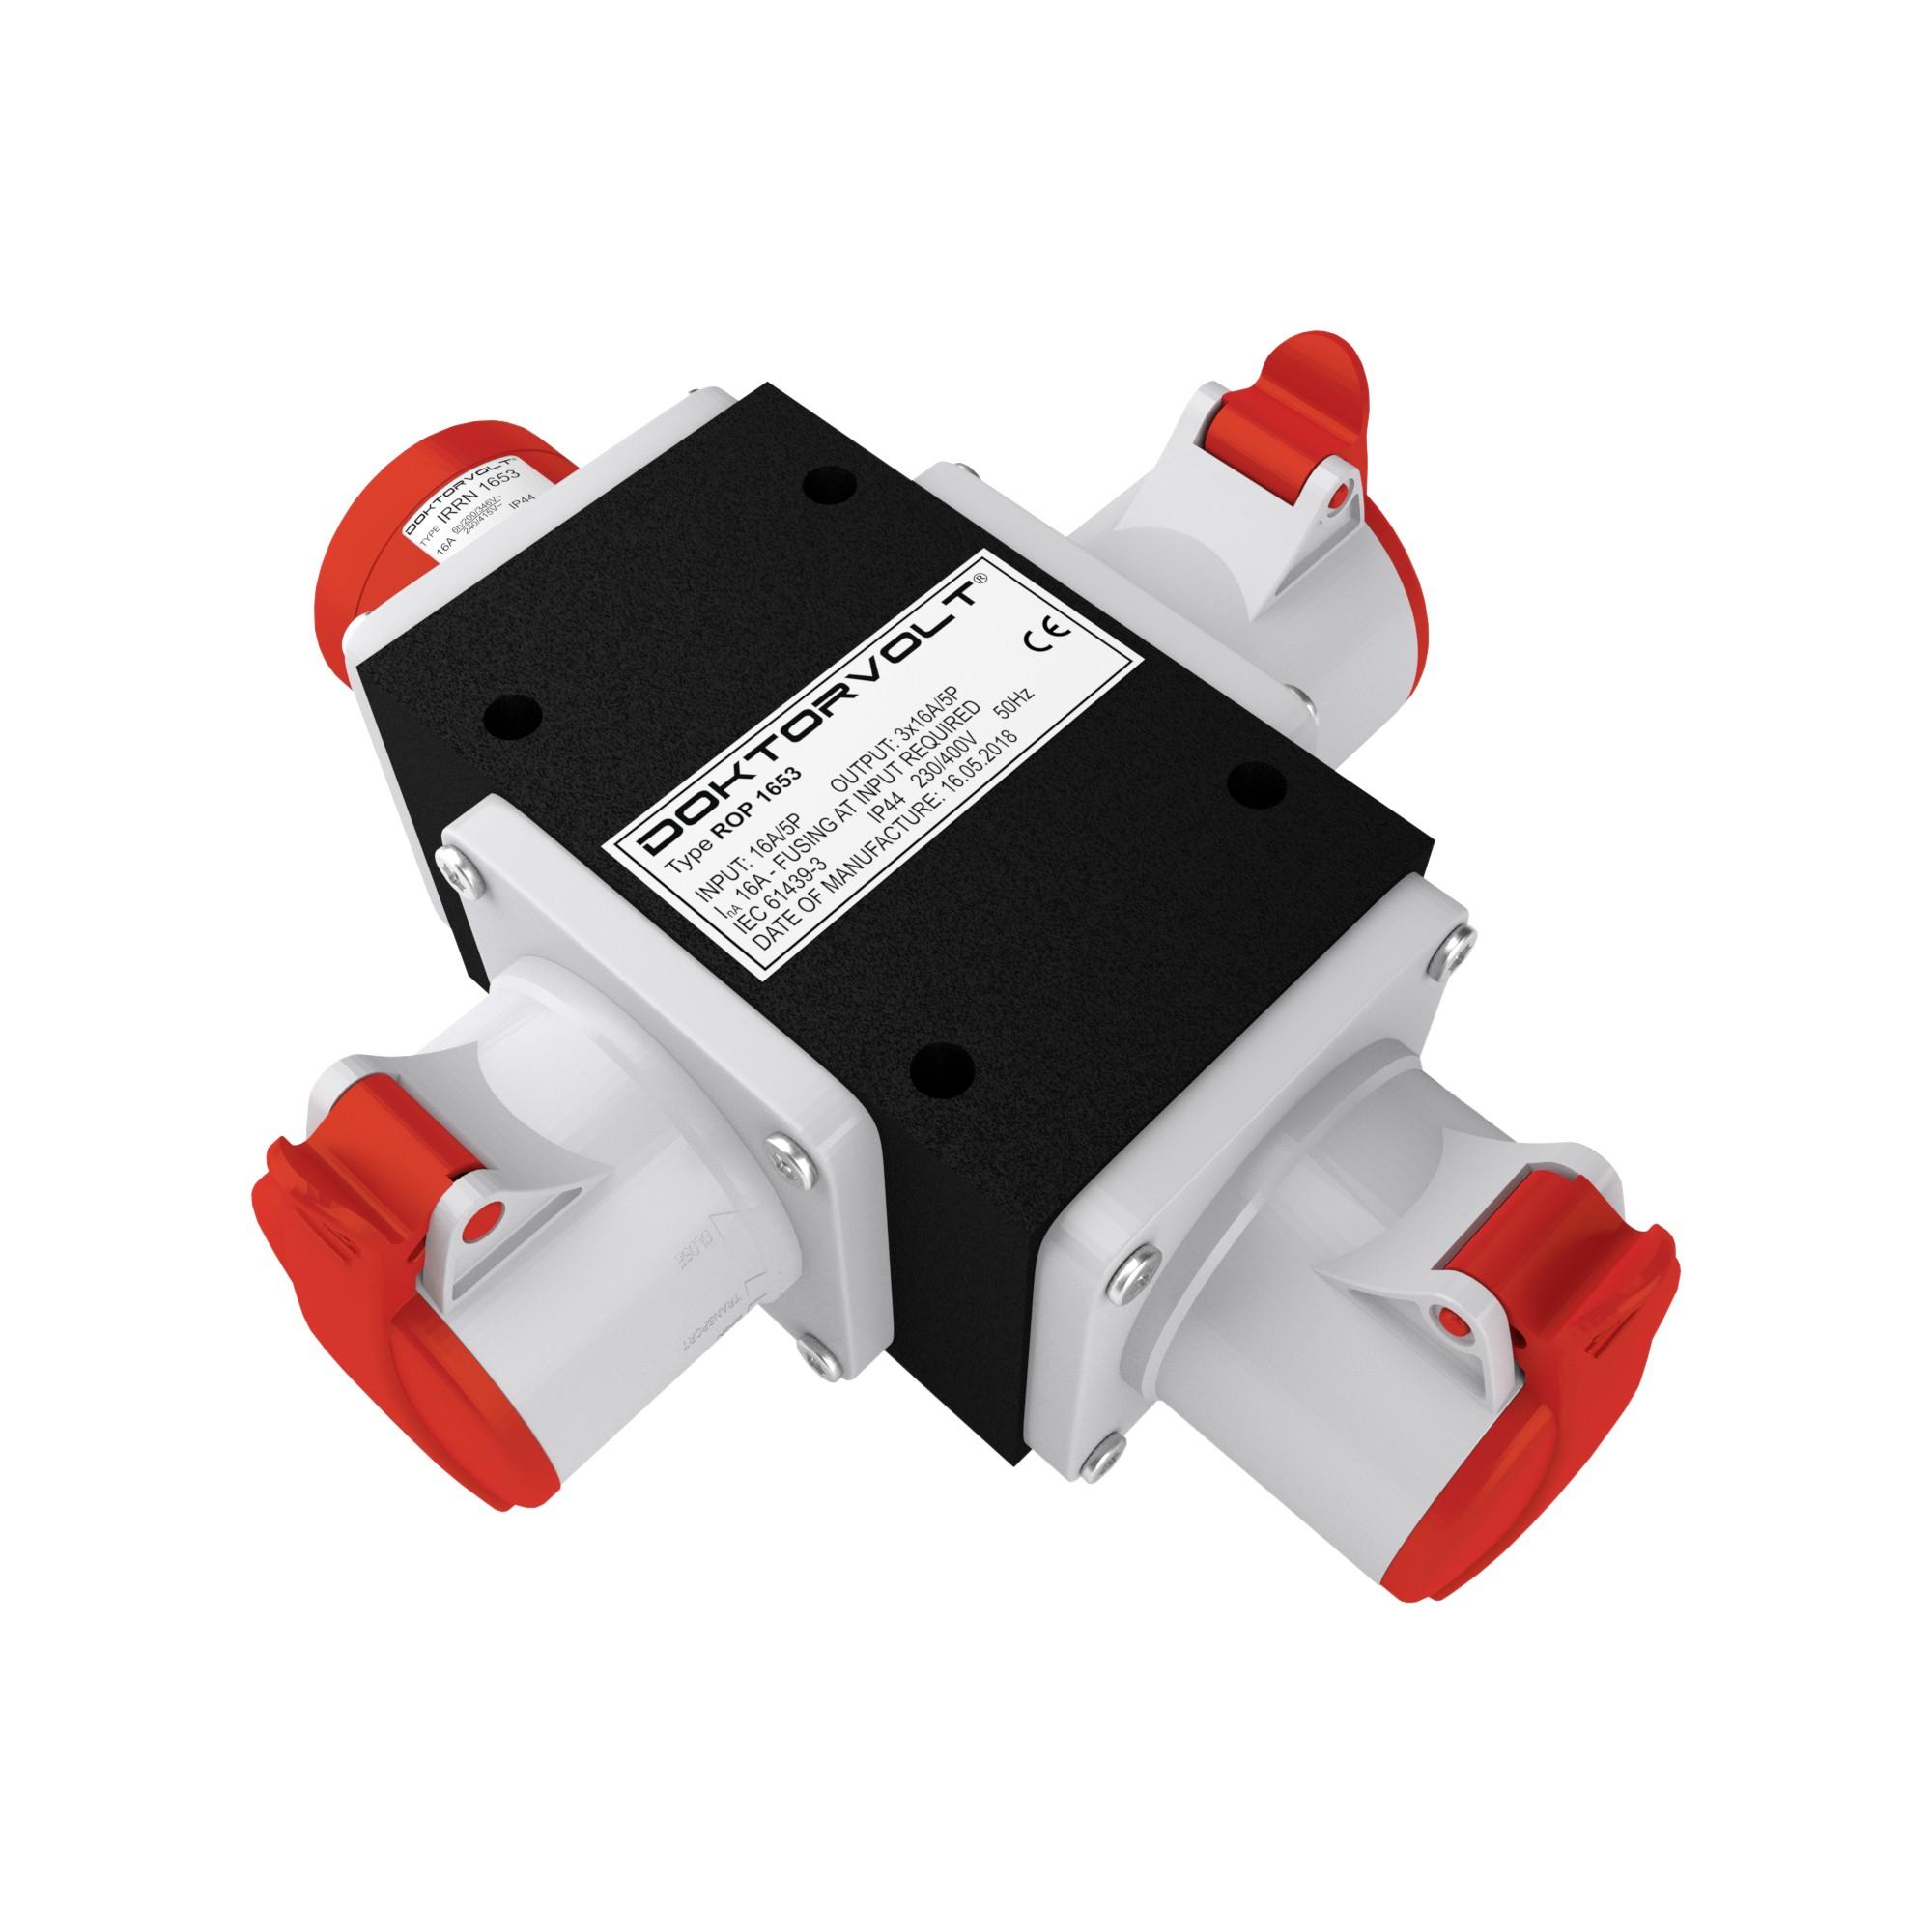 Adapter Mobil 16A Stromverteilung Stromverteiler Steckdosenleiste CEE